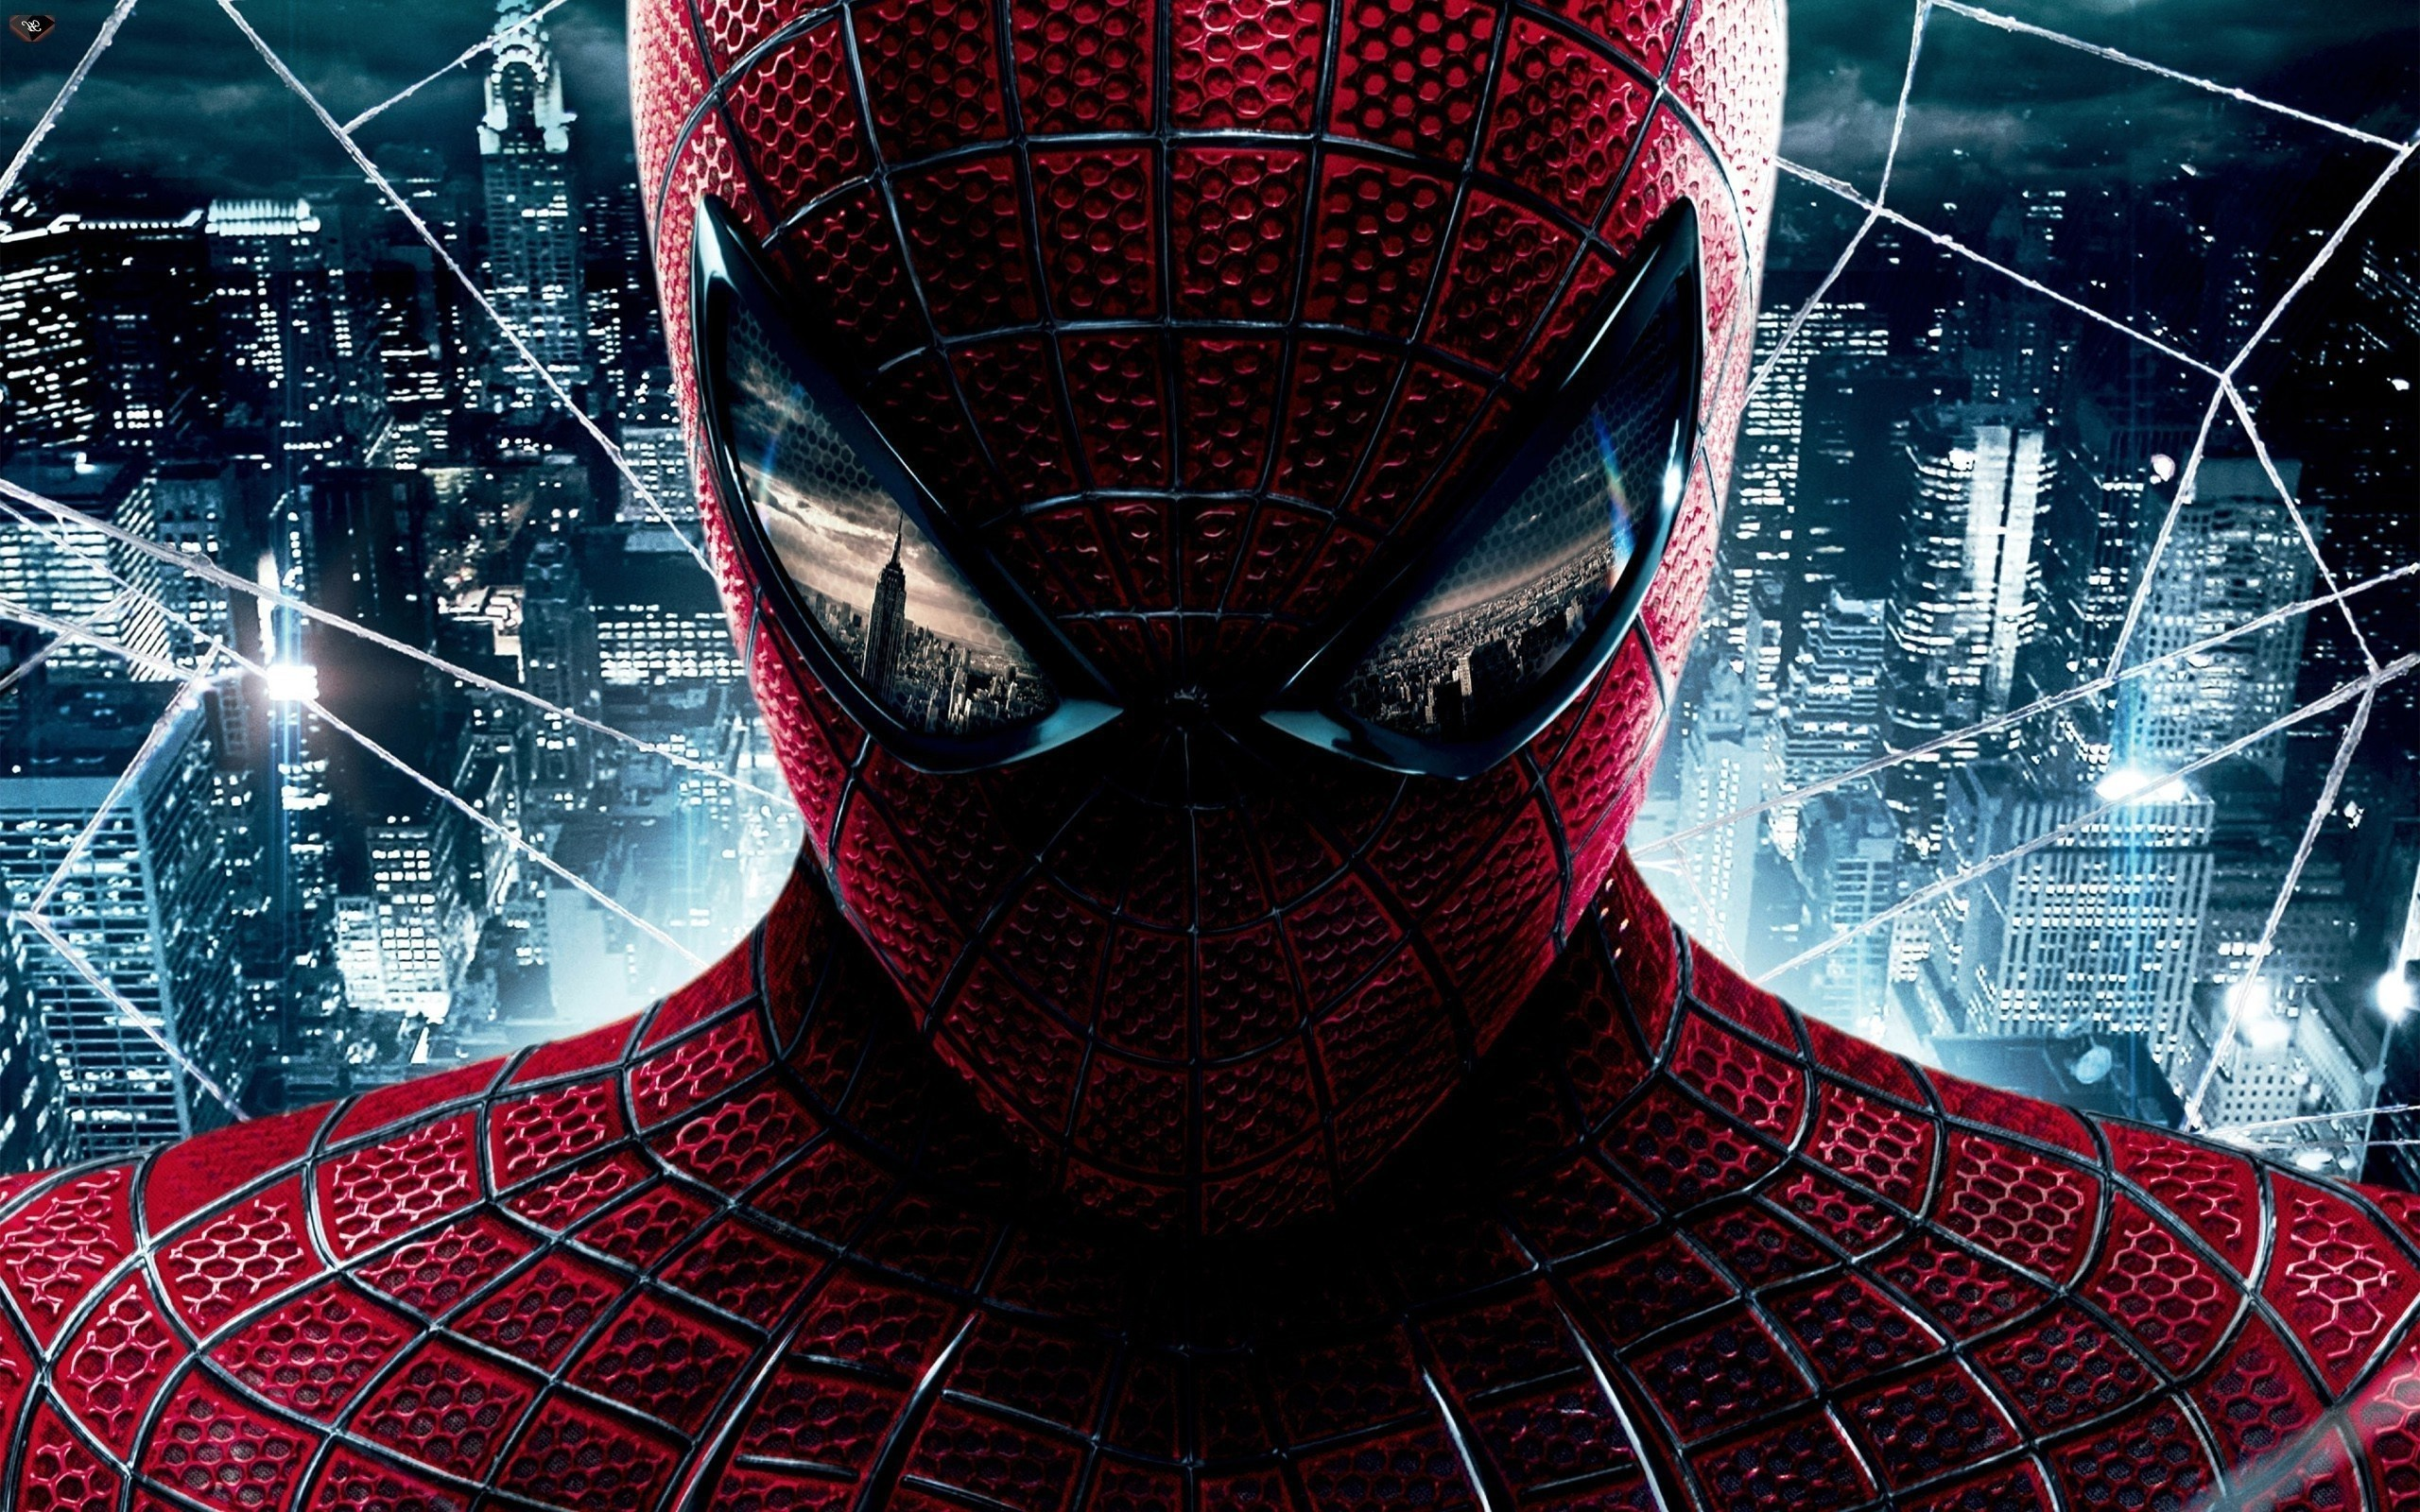 Spider Man The Amazing Spider Man Wallpaper Amazing Spider Man